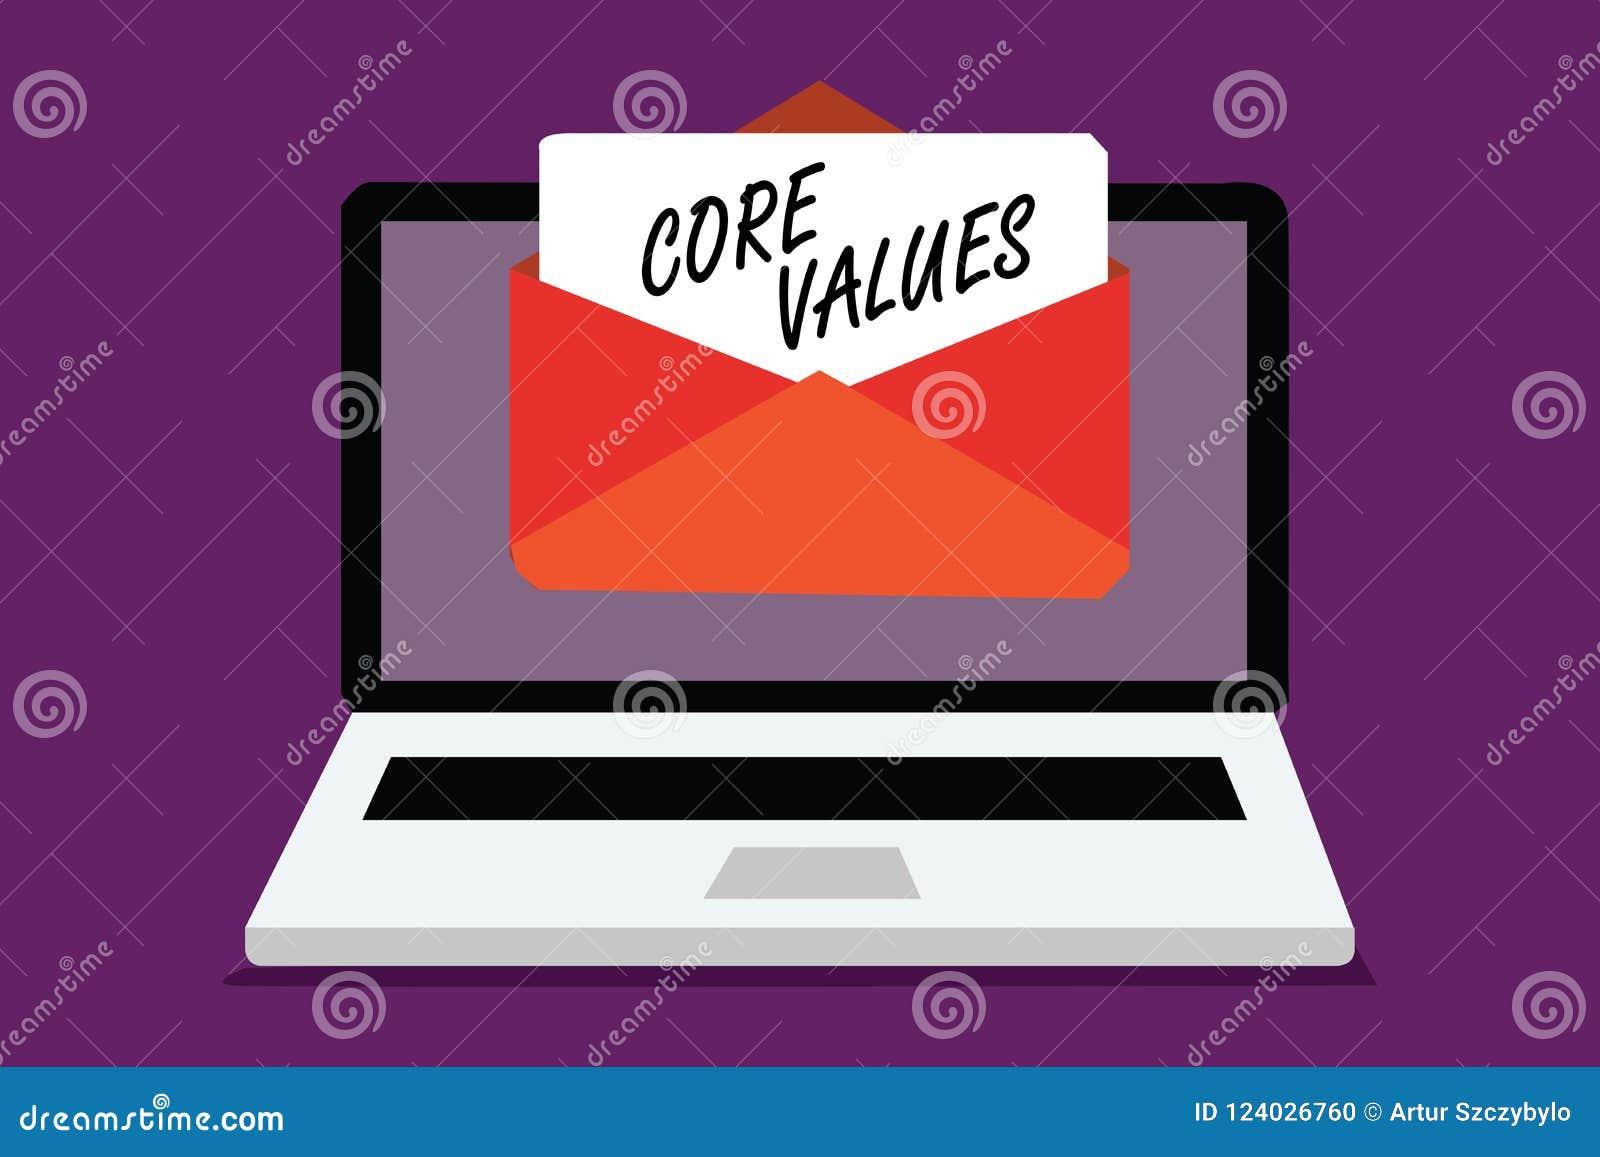 Begriffshandschrift, die Kern-Werte zeigt Geschäftsfototext-Glaubensperson oder Organisationsansichten als seiend- Bedeutung Comp